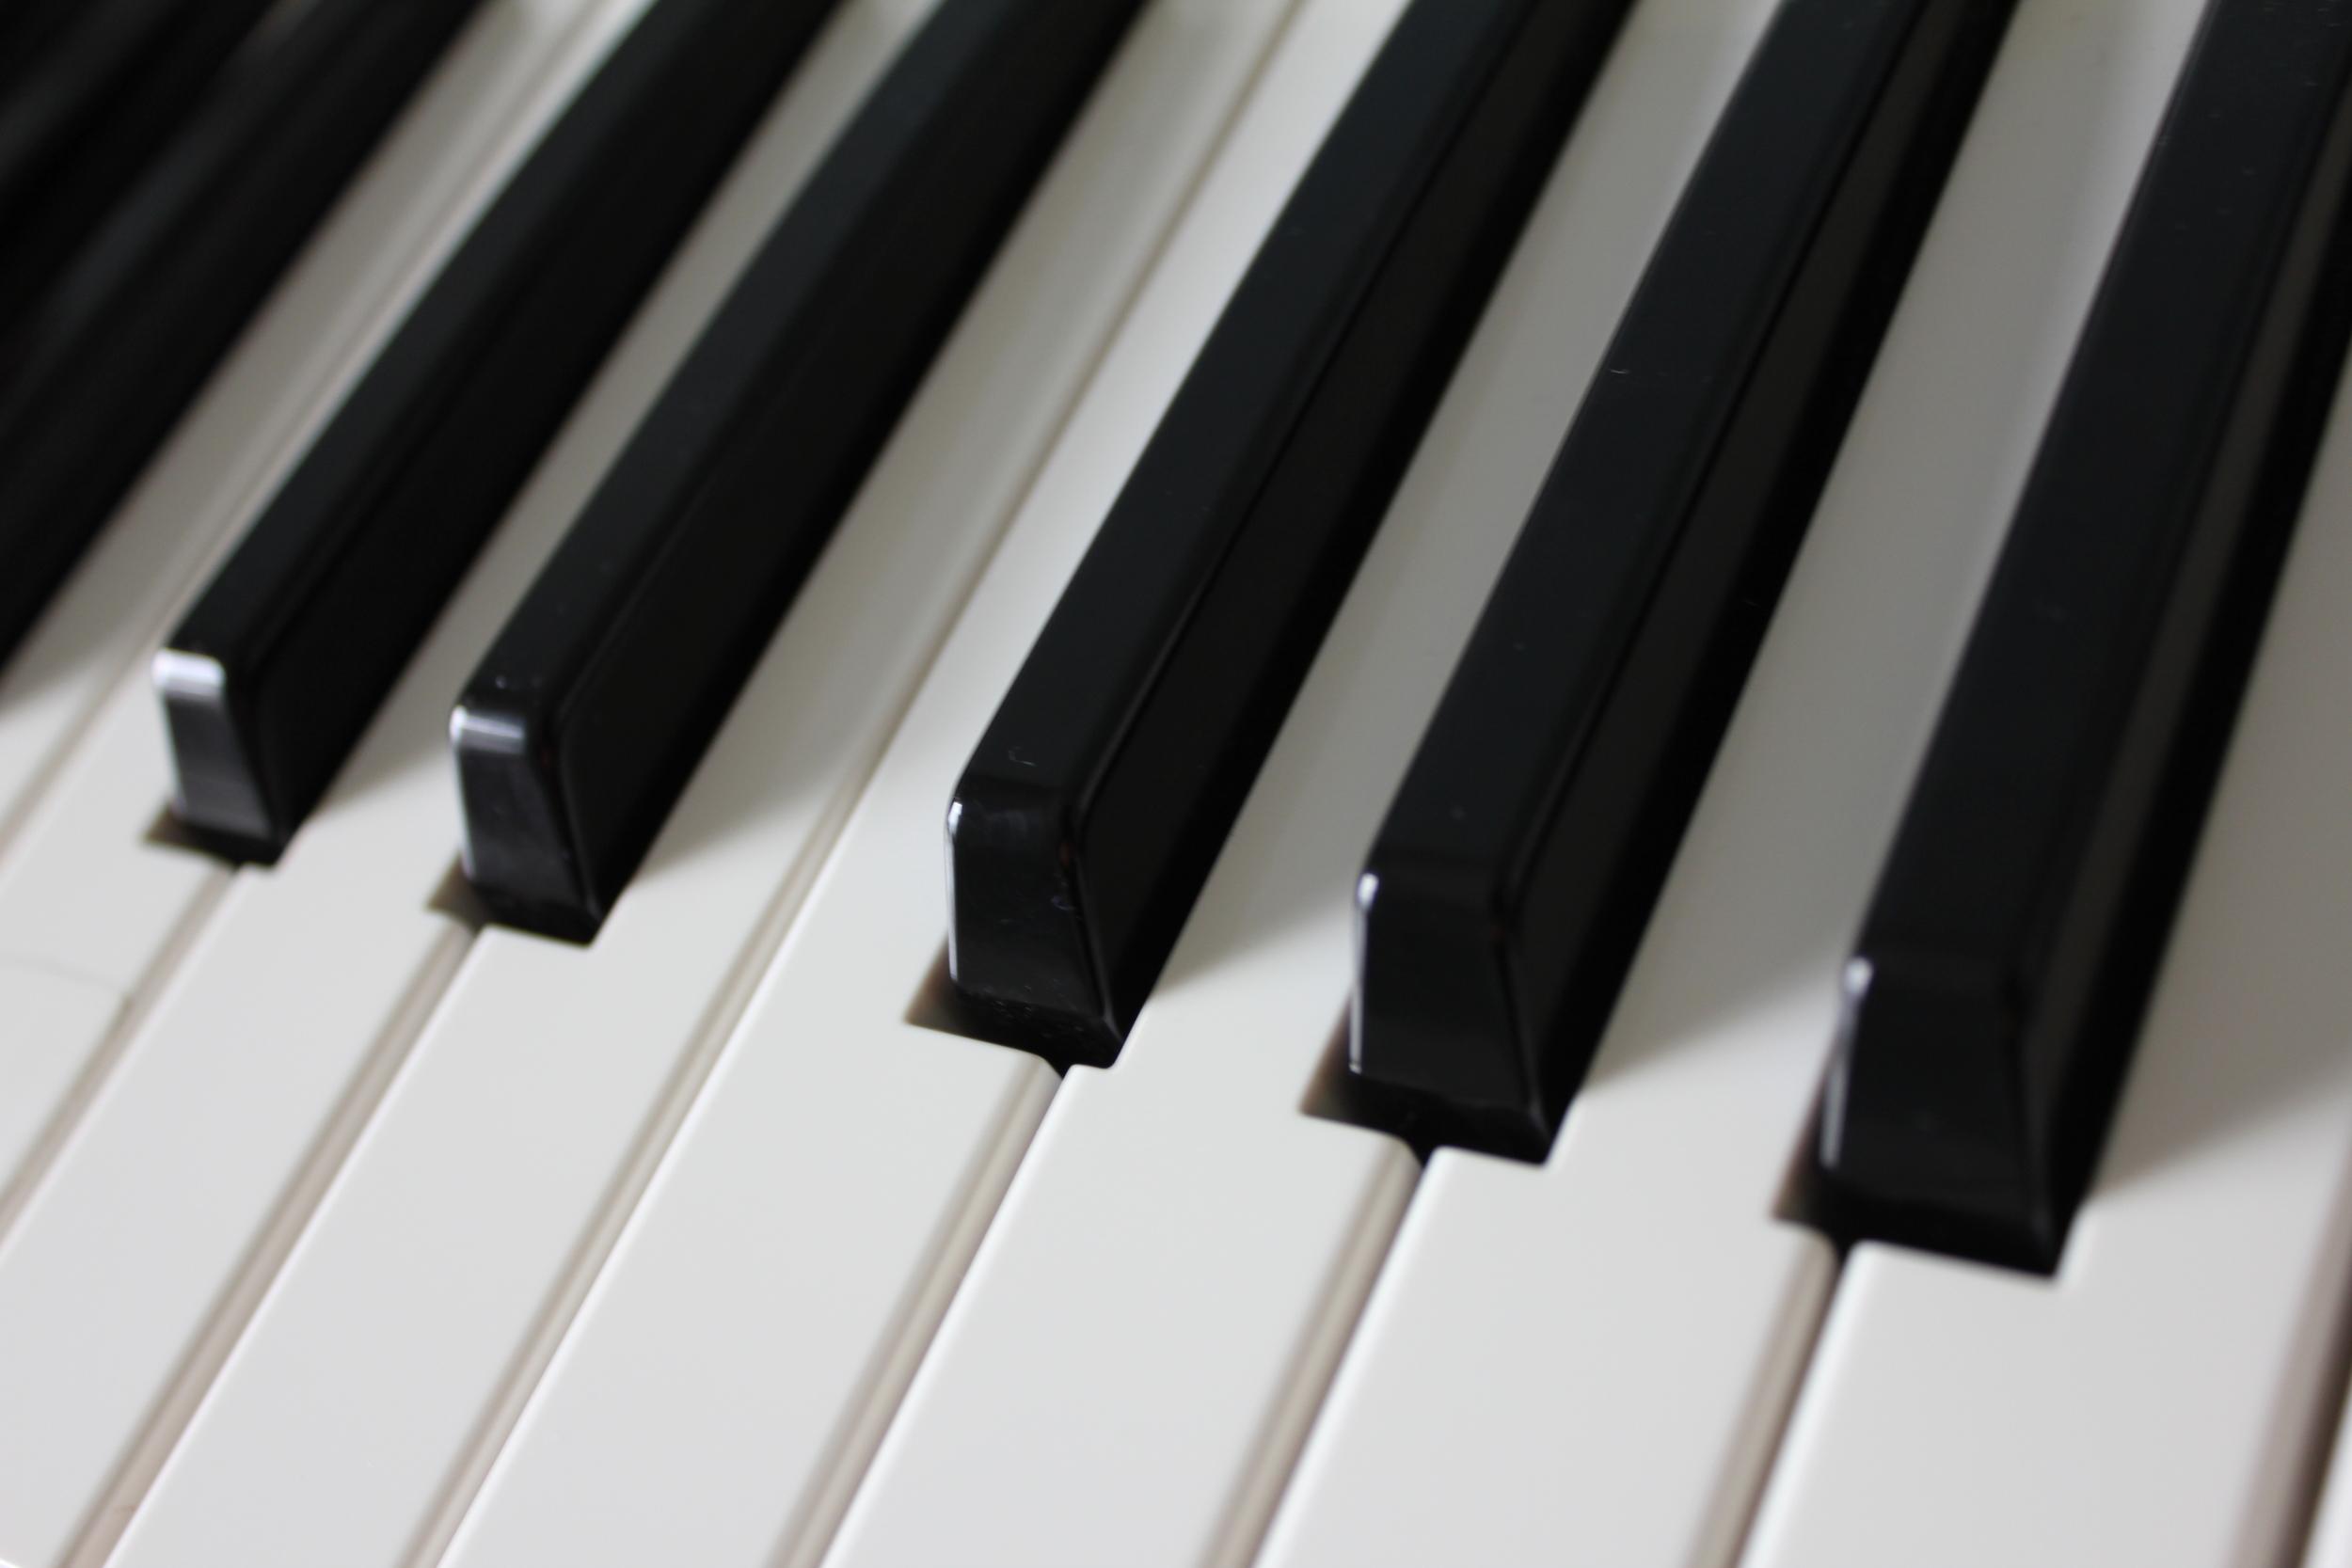 Piano_Keys.JPG